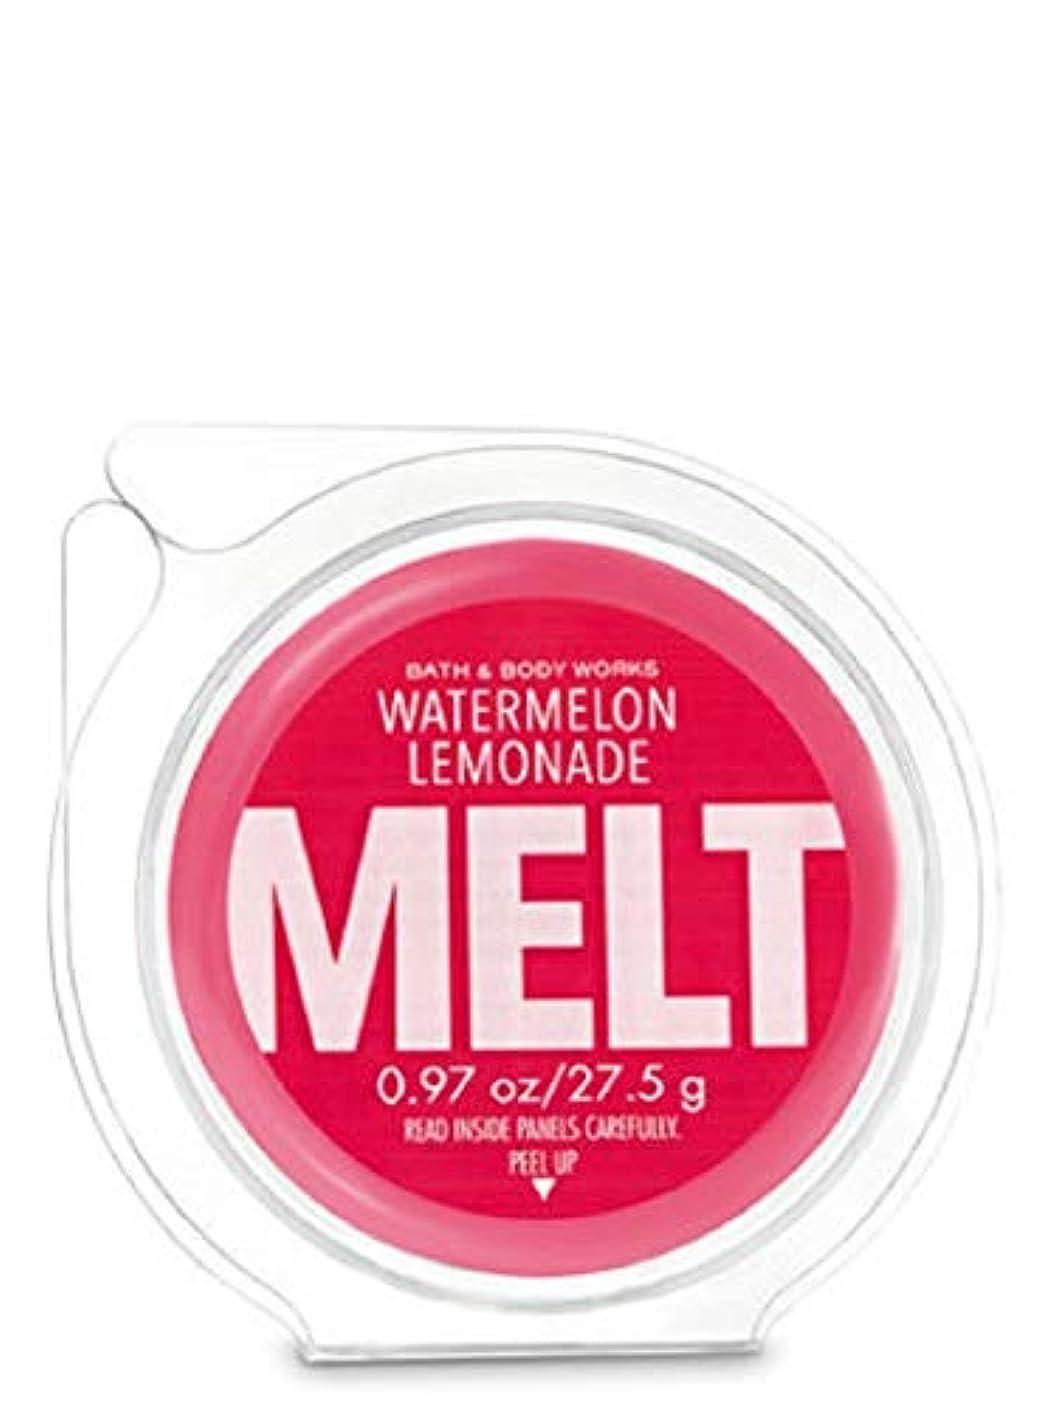 に変わるラテン発明【Bath&Body Works/バス&ボディワークス】 フレグランスメルト タルト ワックスポプリ ウォーターメロンレモネード Wax Fragrance Melt Watermelon Lemonade 0.97oz...